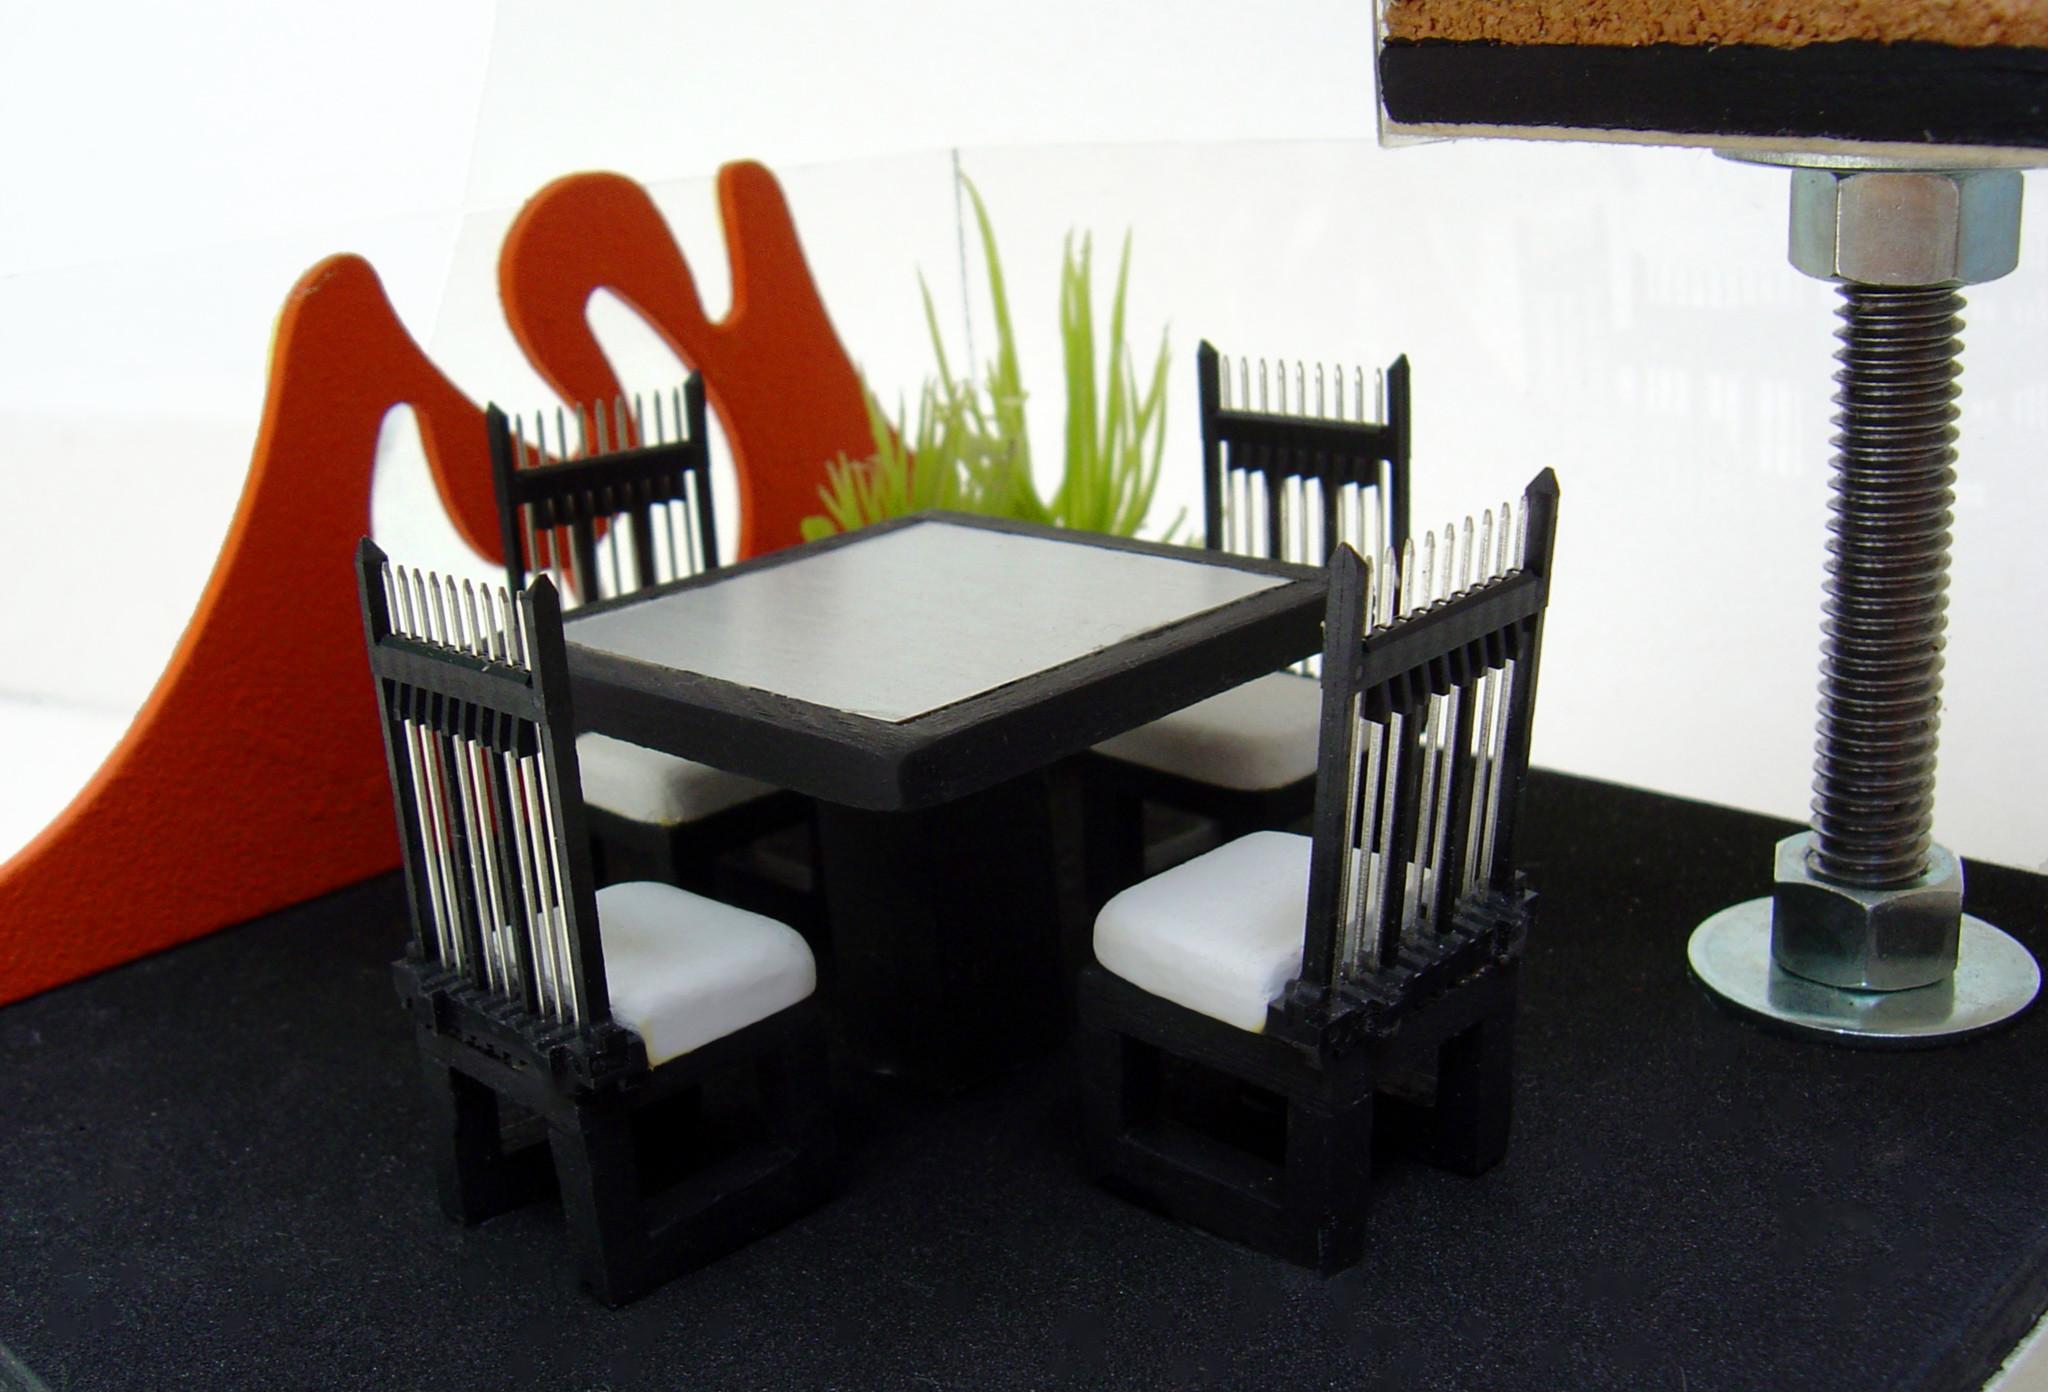 Como hacer muebles para maquetas imagui for Fabricar muebles